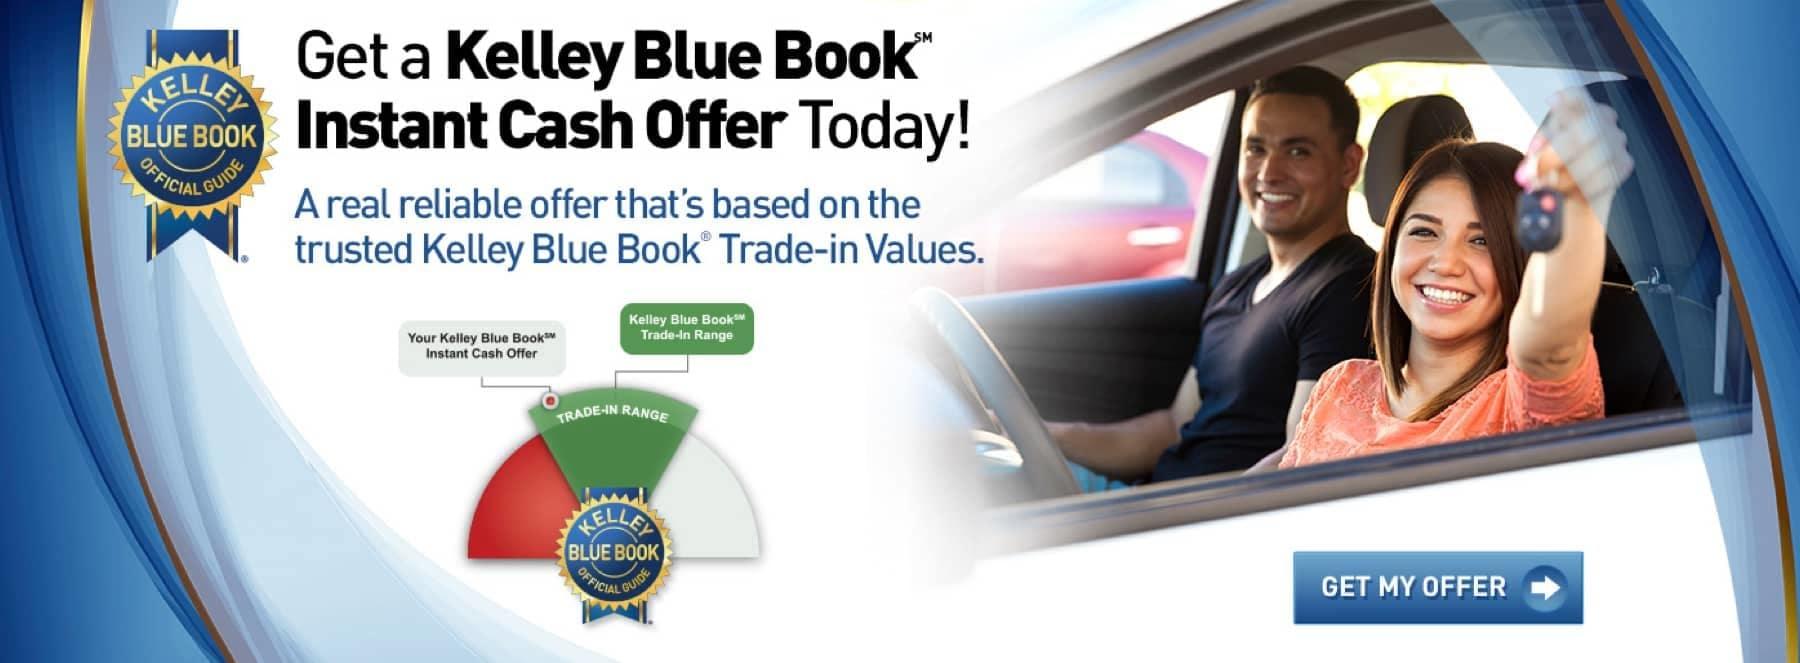 Kelley Blue Book Instat Cash Offer